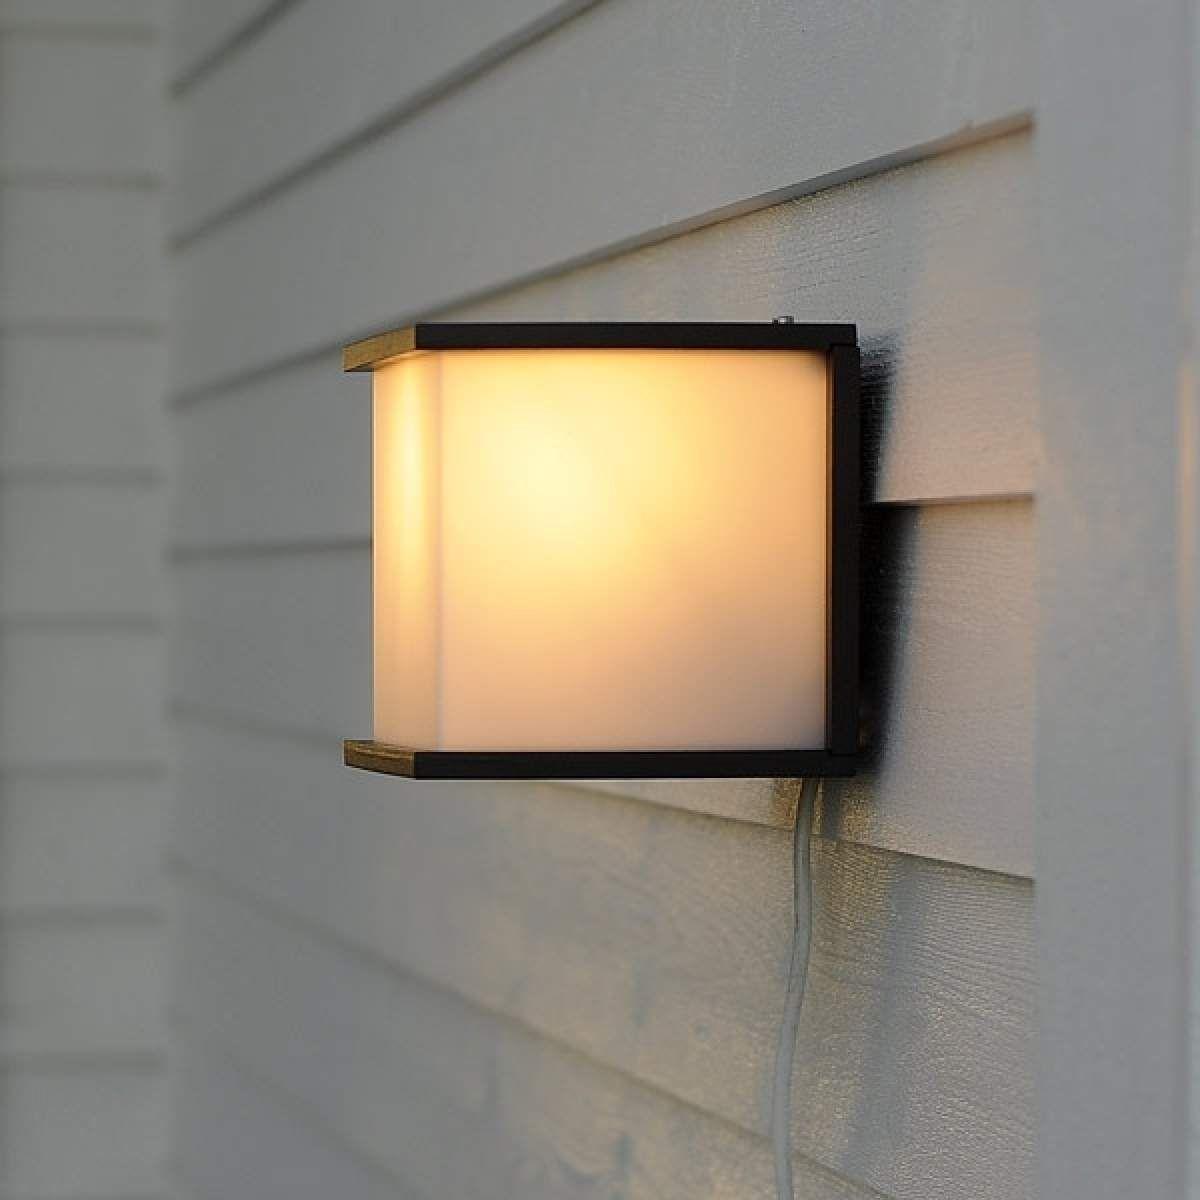 Aussenwandleuchte Cube Anthrazit Aussenwandleuchte Wandbeleuchtung Lampen Aussen